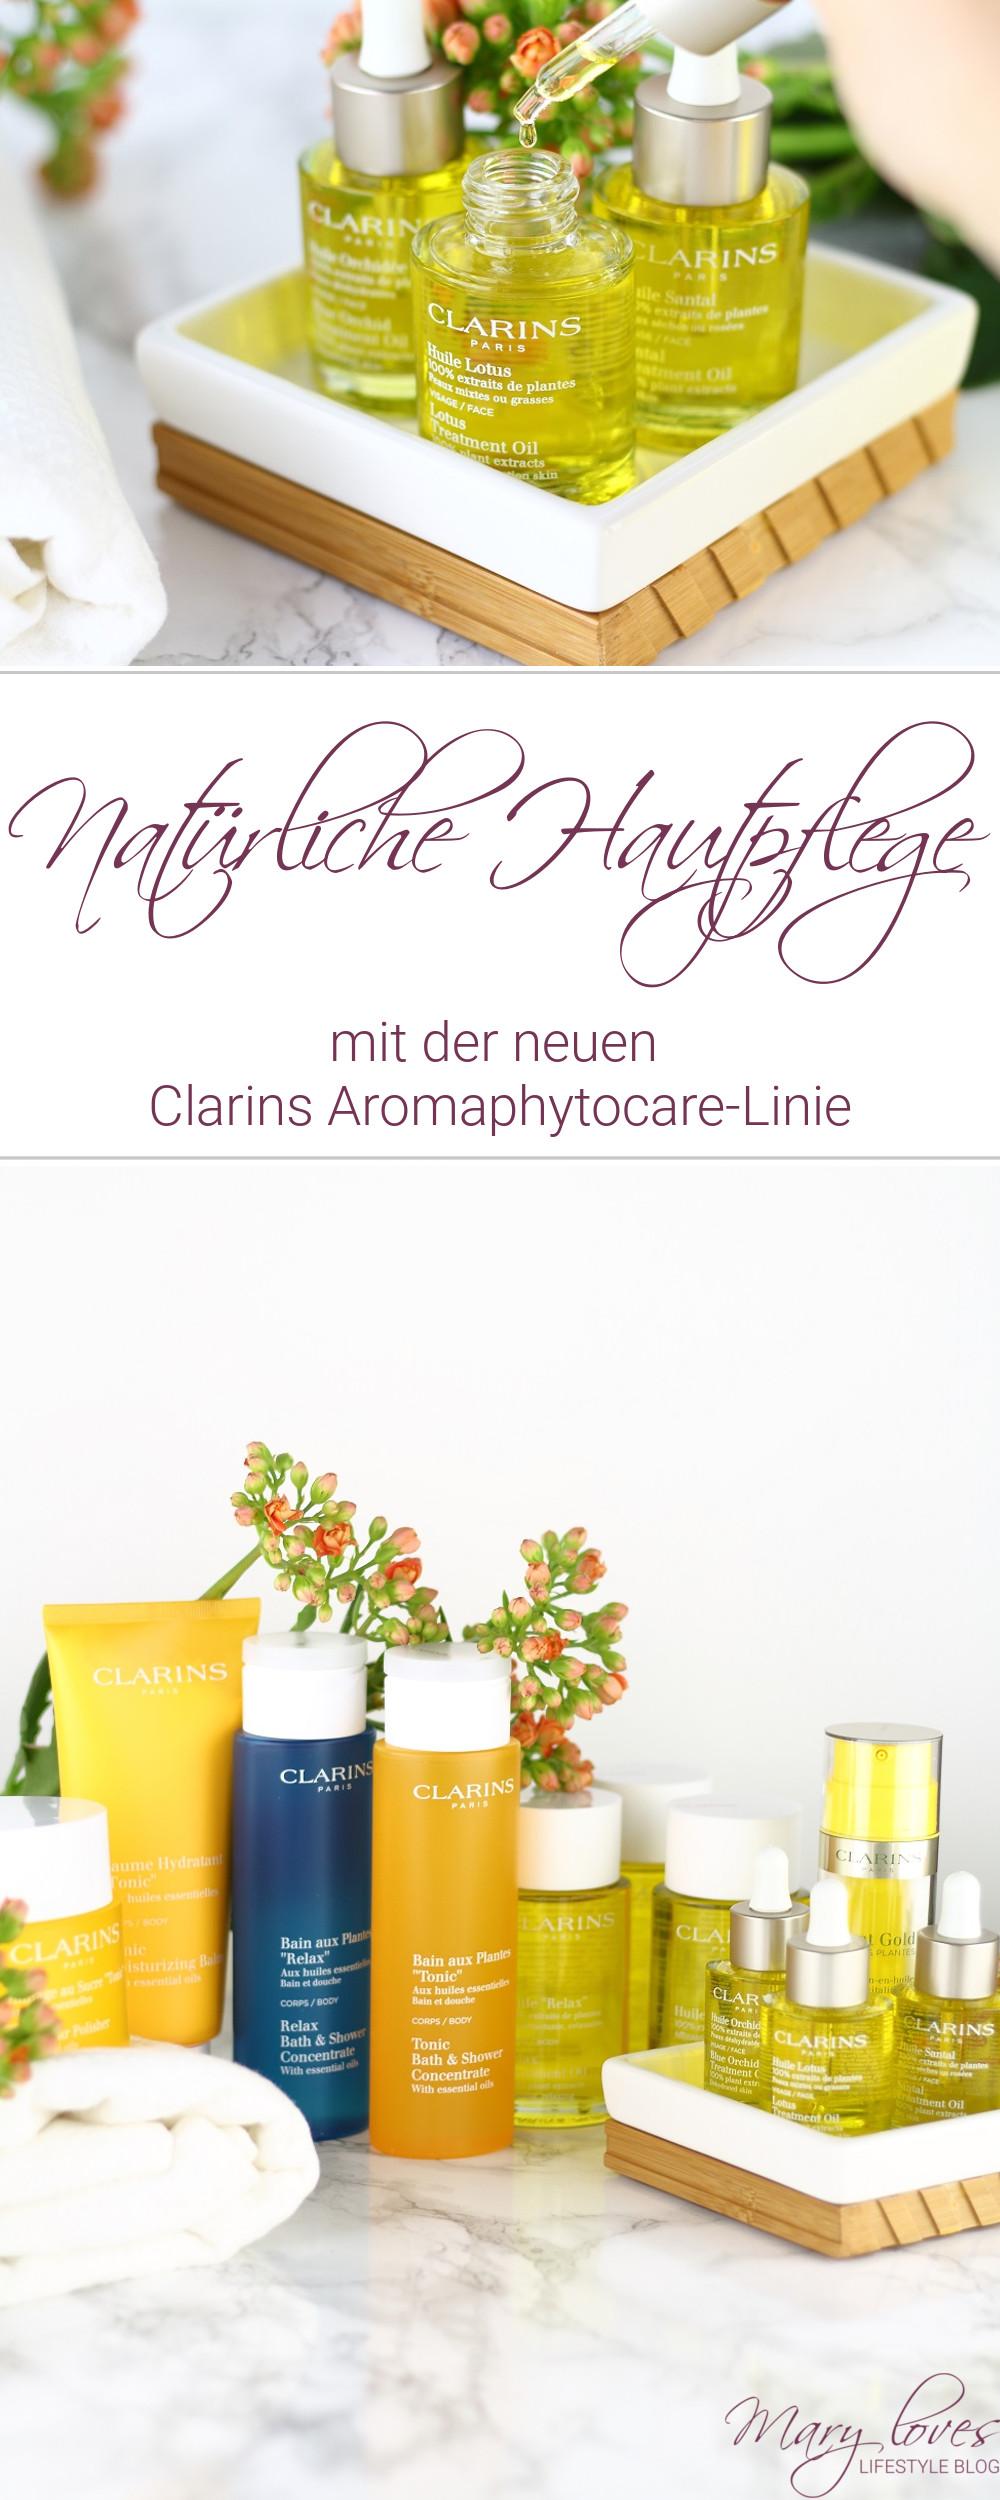 [Anzeige] Natürliche Hautpflege mit der neuen Clarins Aromaphytocare-Linie - #clarins #aromaphytocare #hautpflege #gesichtspflege #natürlichepflege #100%natürlicheinhaltsstoffe #natürlichekosmetik